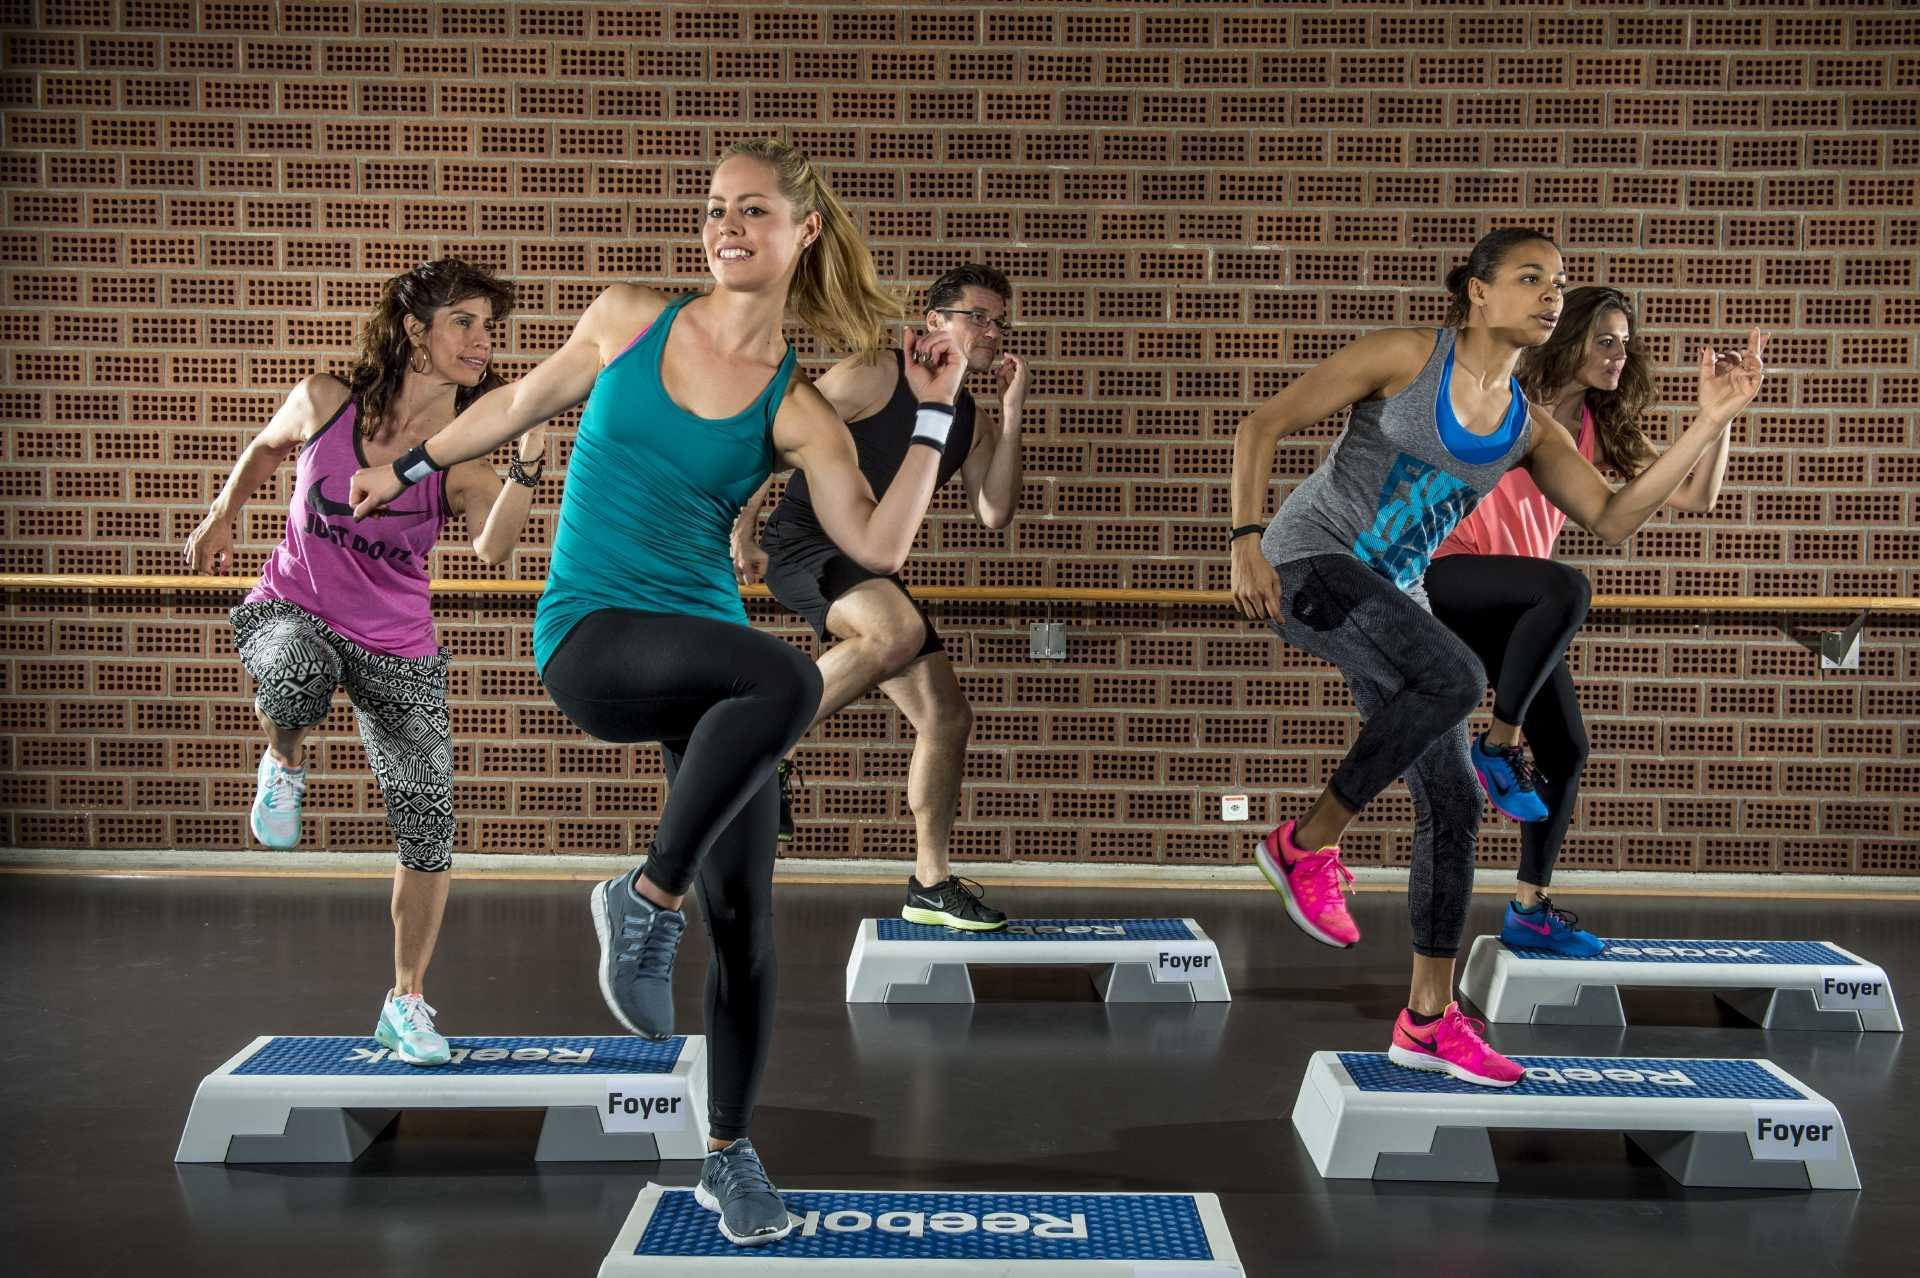 Степ-аэробика для начинающих: упражнения в домашних условиях, эффективность для похудения